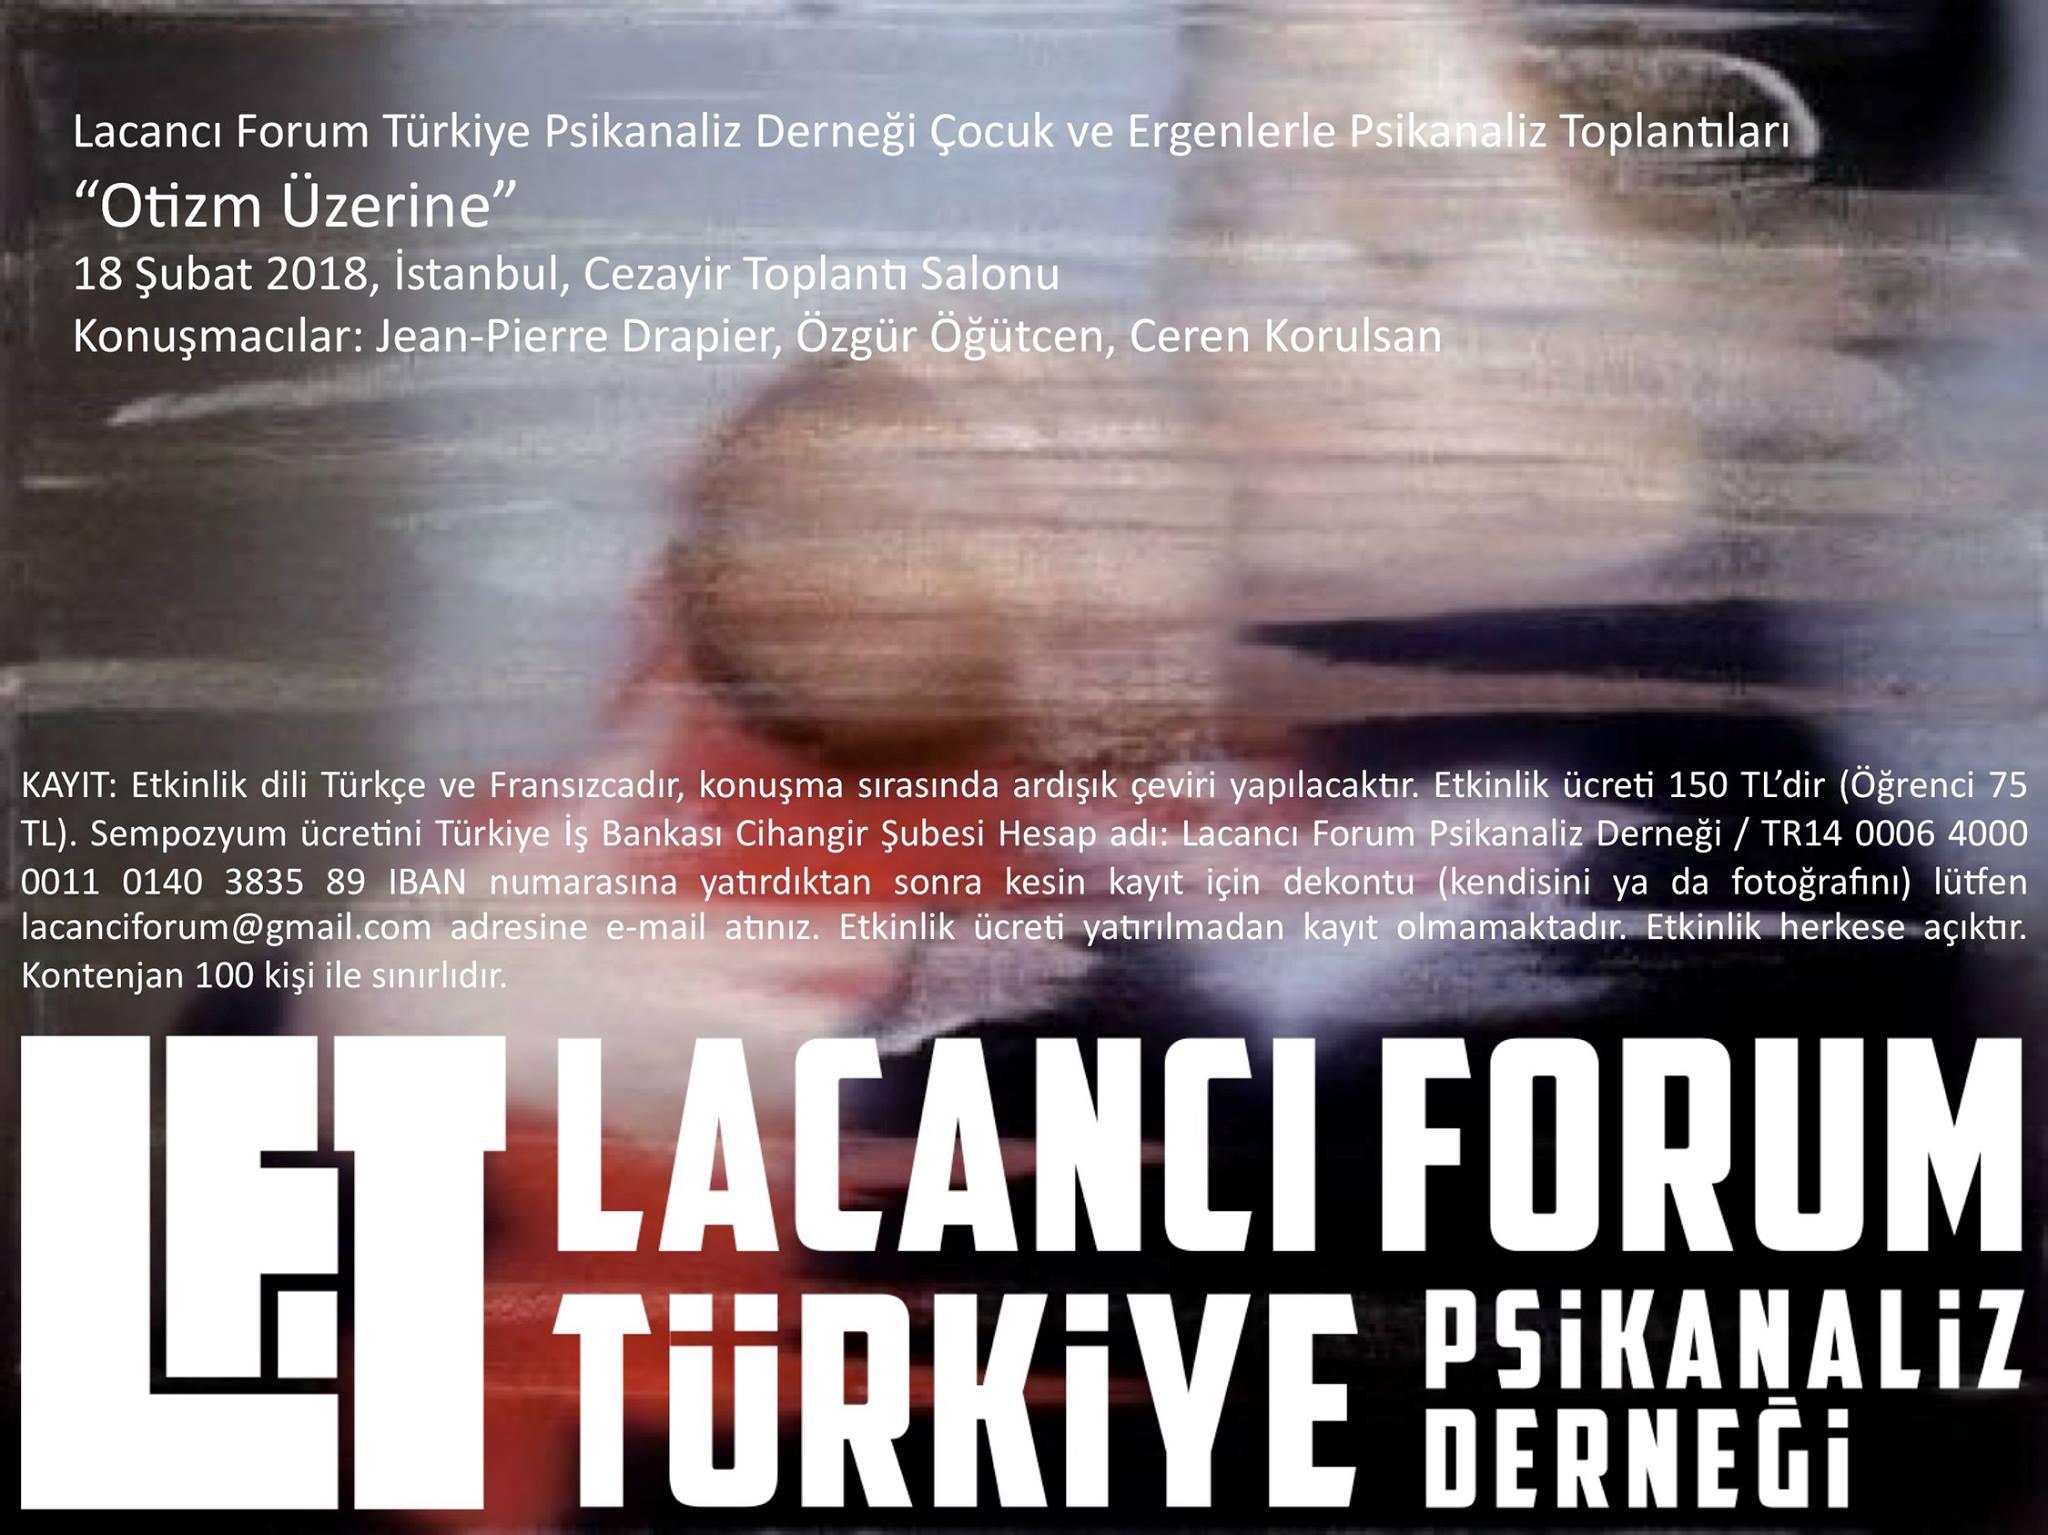 lacanci forum turkiye otizm üzerine